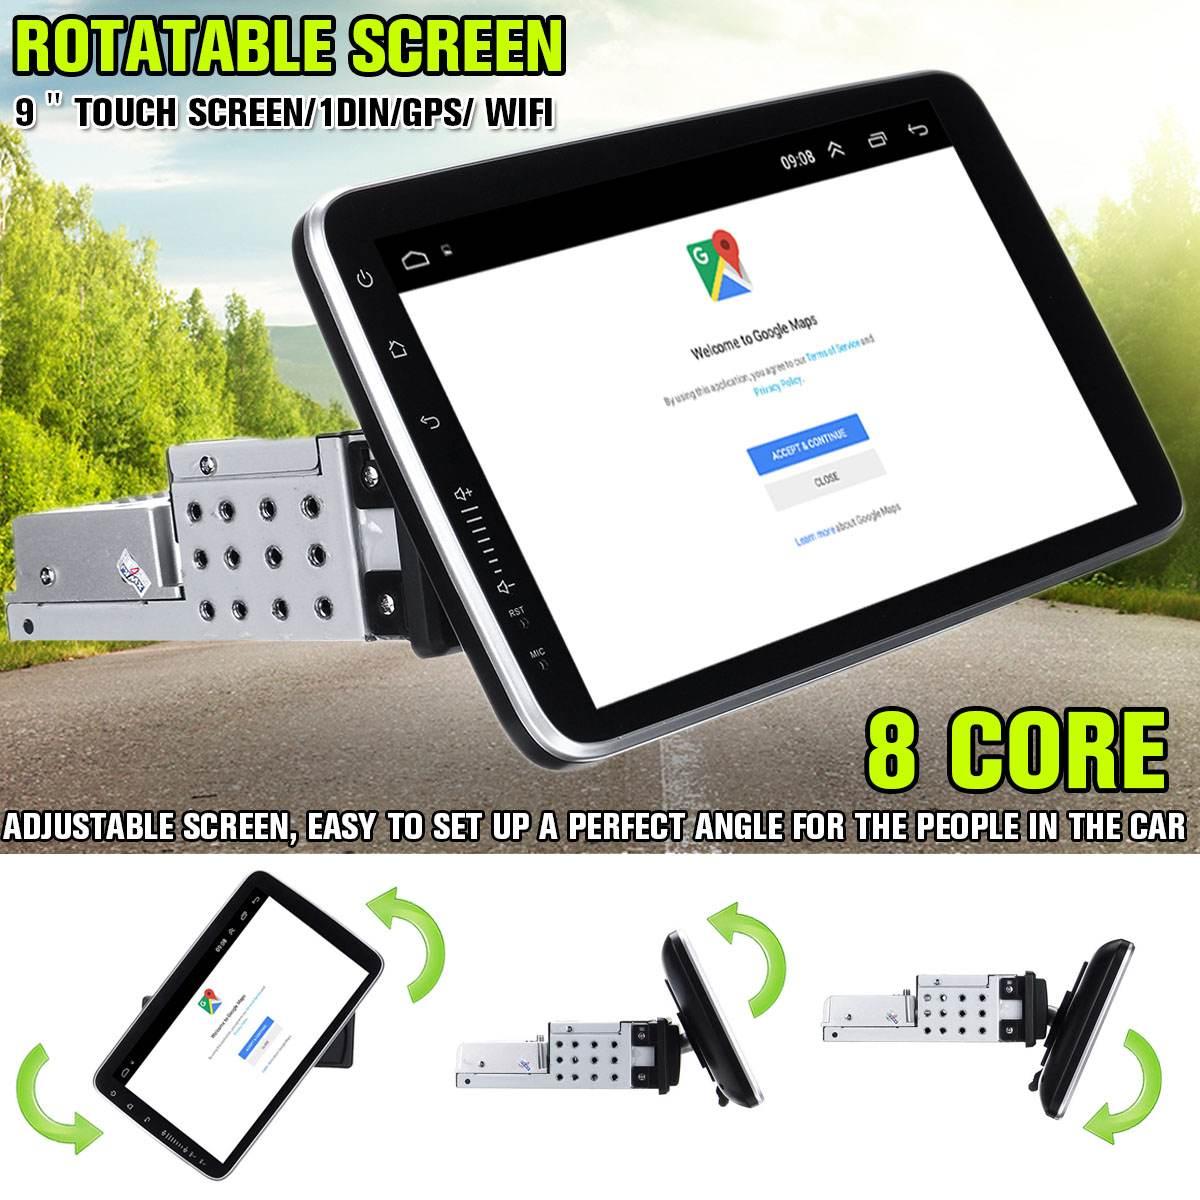 Lecteur multimédia de voiture 10.2 8 Core 1Din stéréo 16/32G pour Android 8.0/8.1 avec écran rotatif de 360 degrés lecteur Radio GPS WiFi